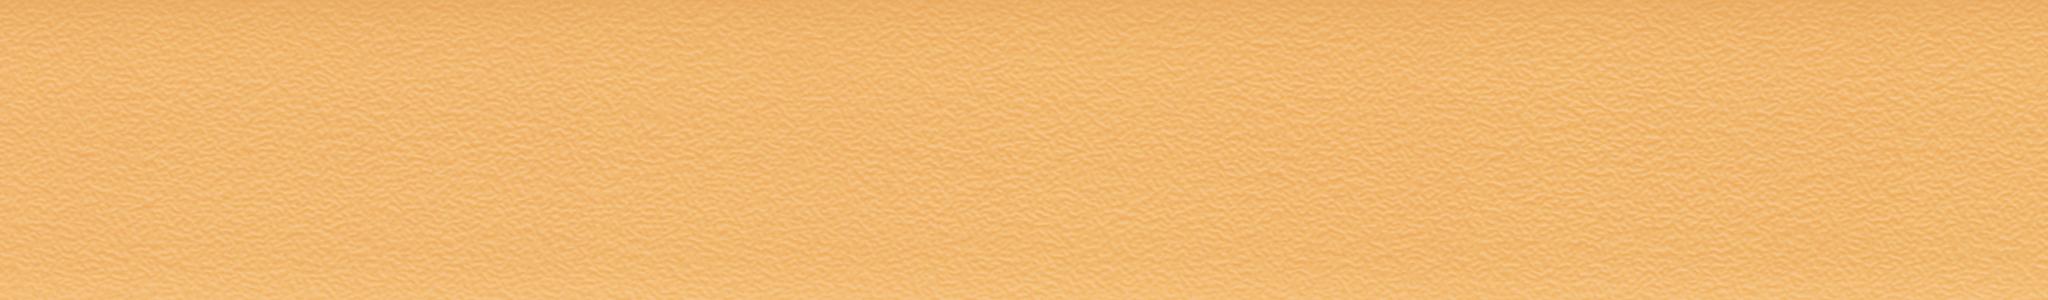 HU 141665 ABS hrana oranžová perla 101